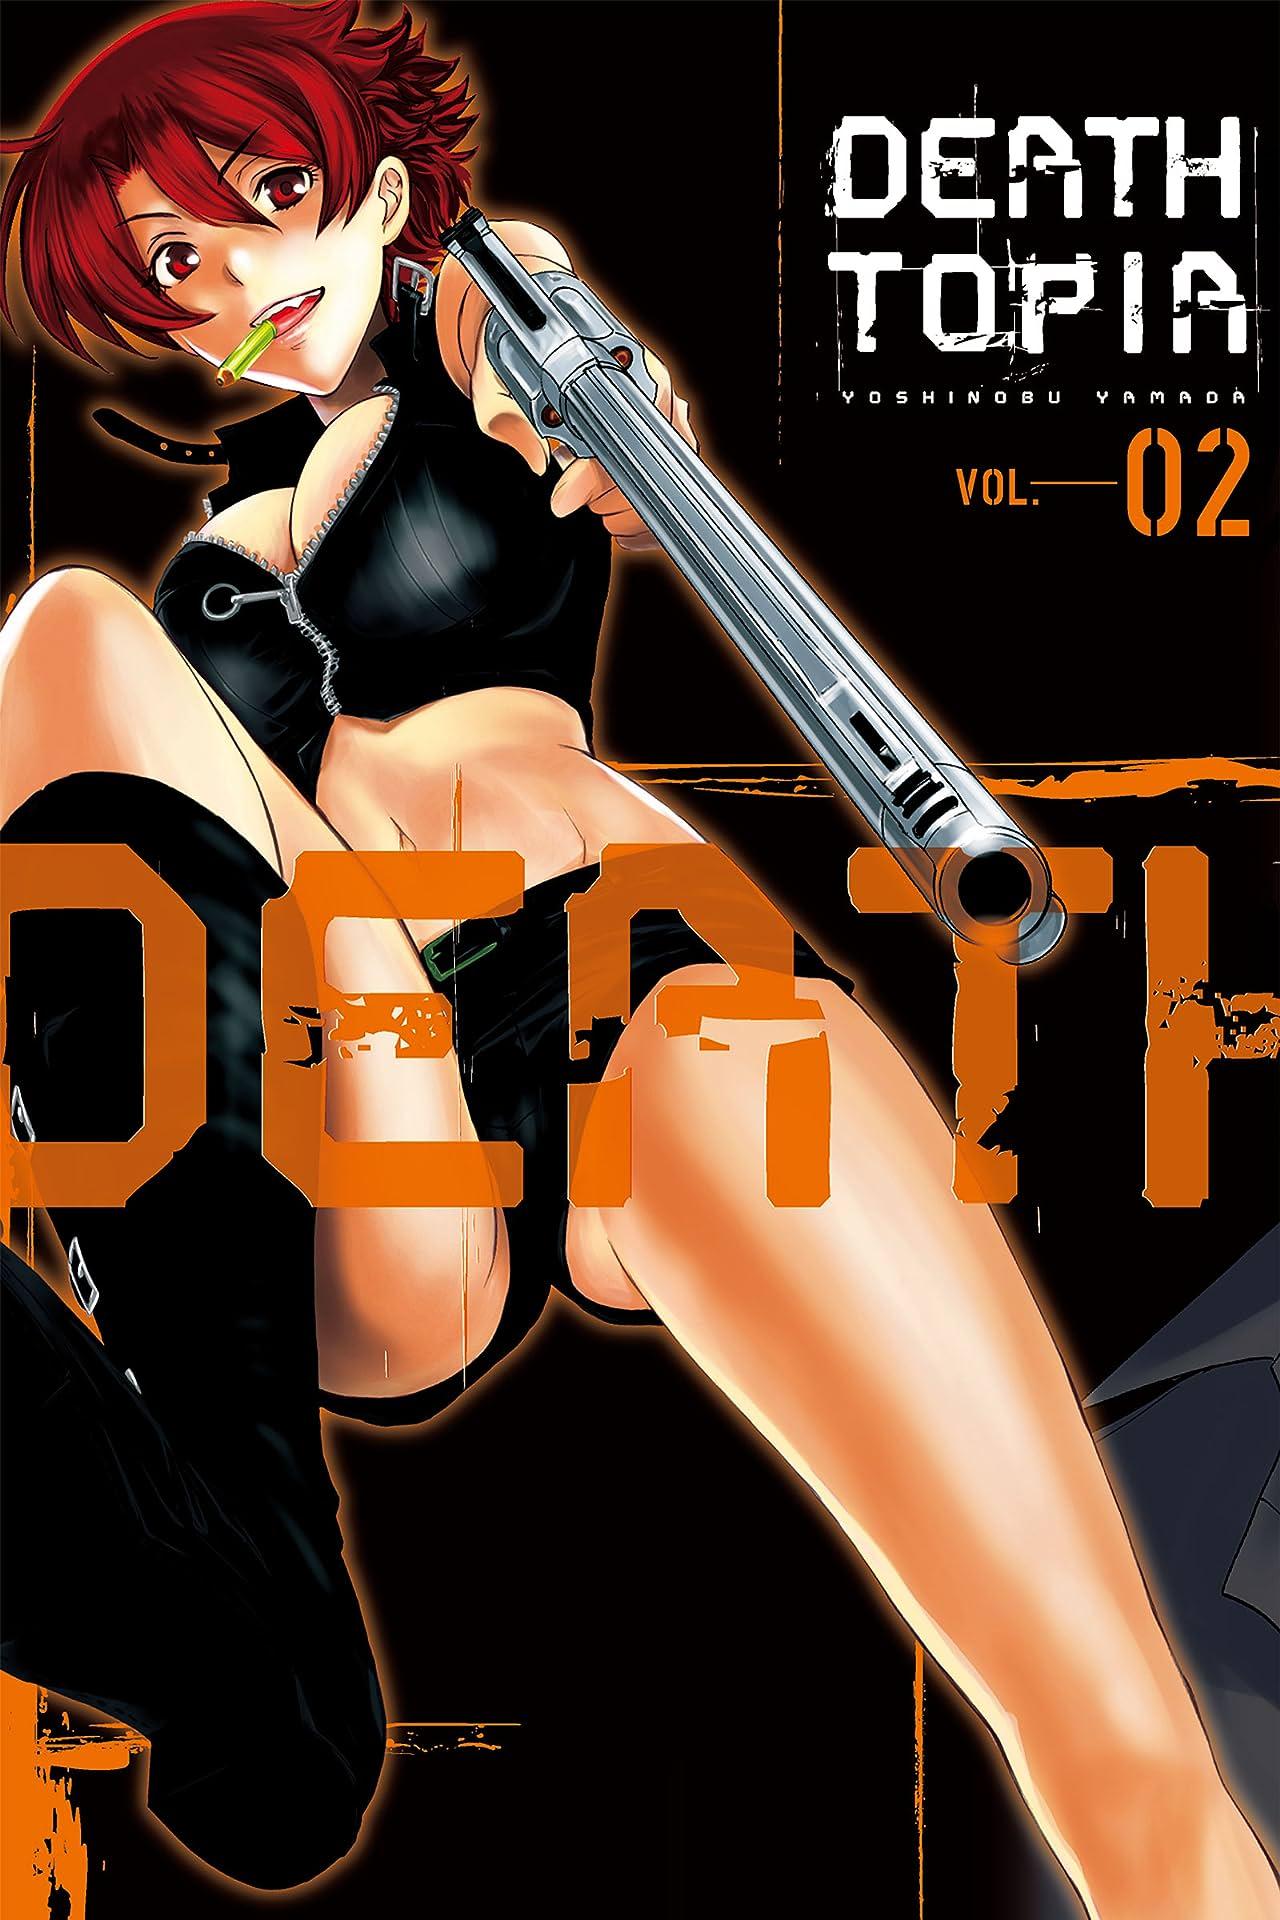 DEATHTOPIA Vol. 2